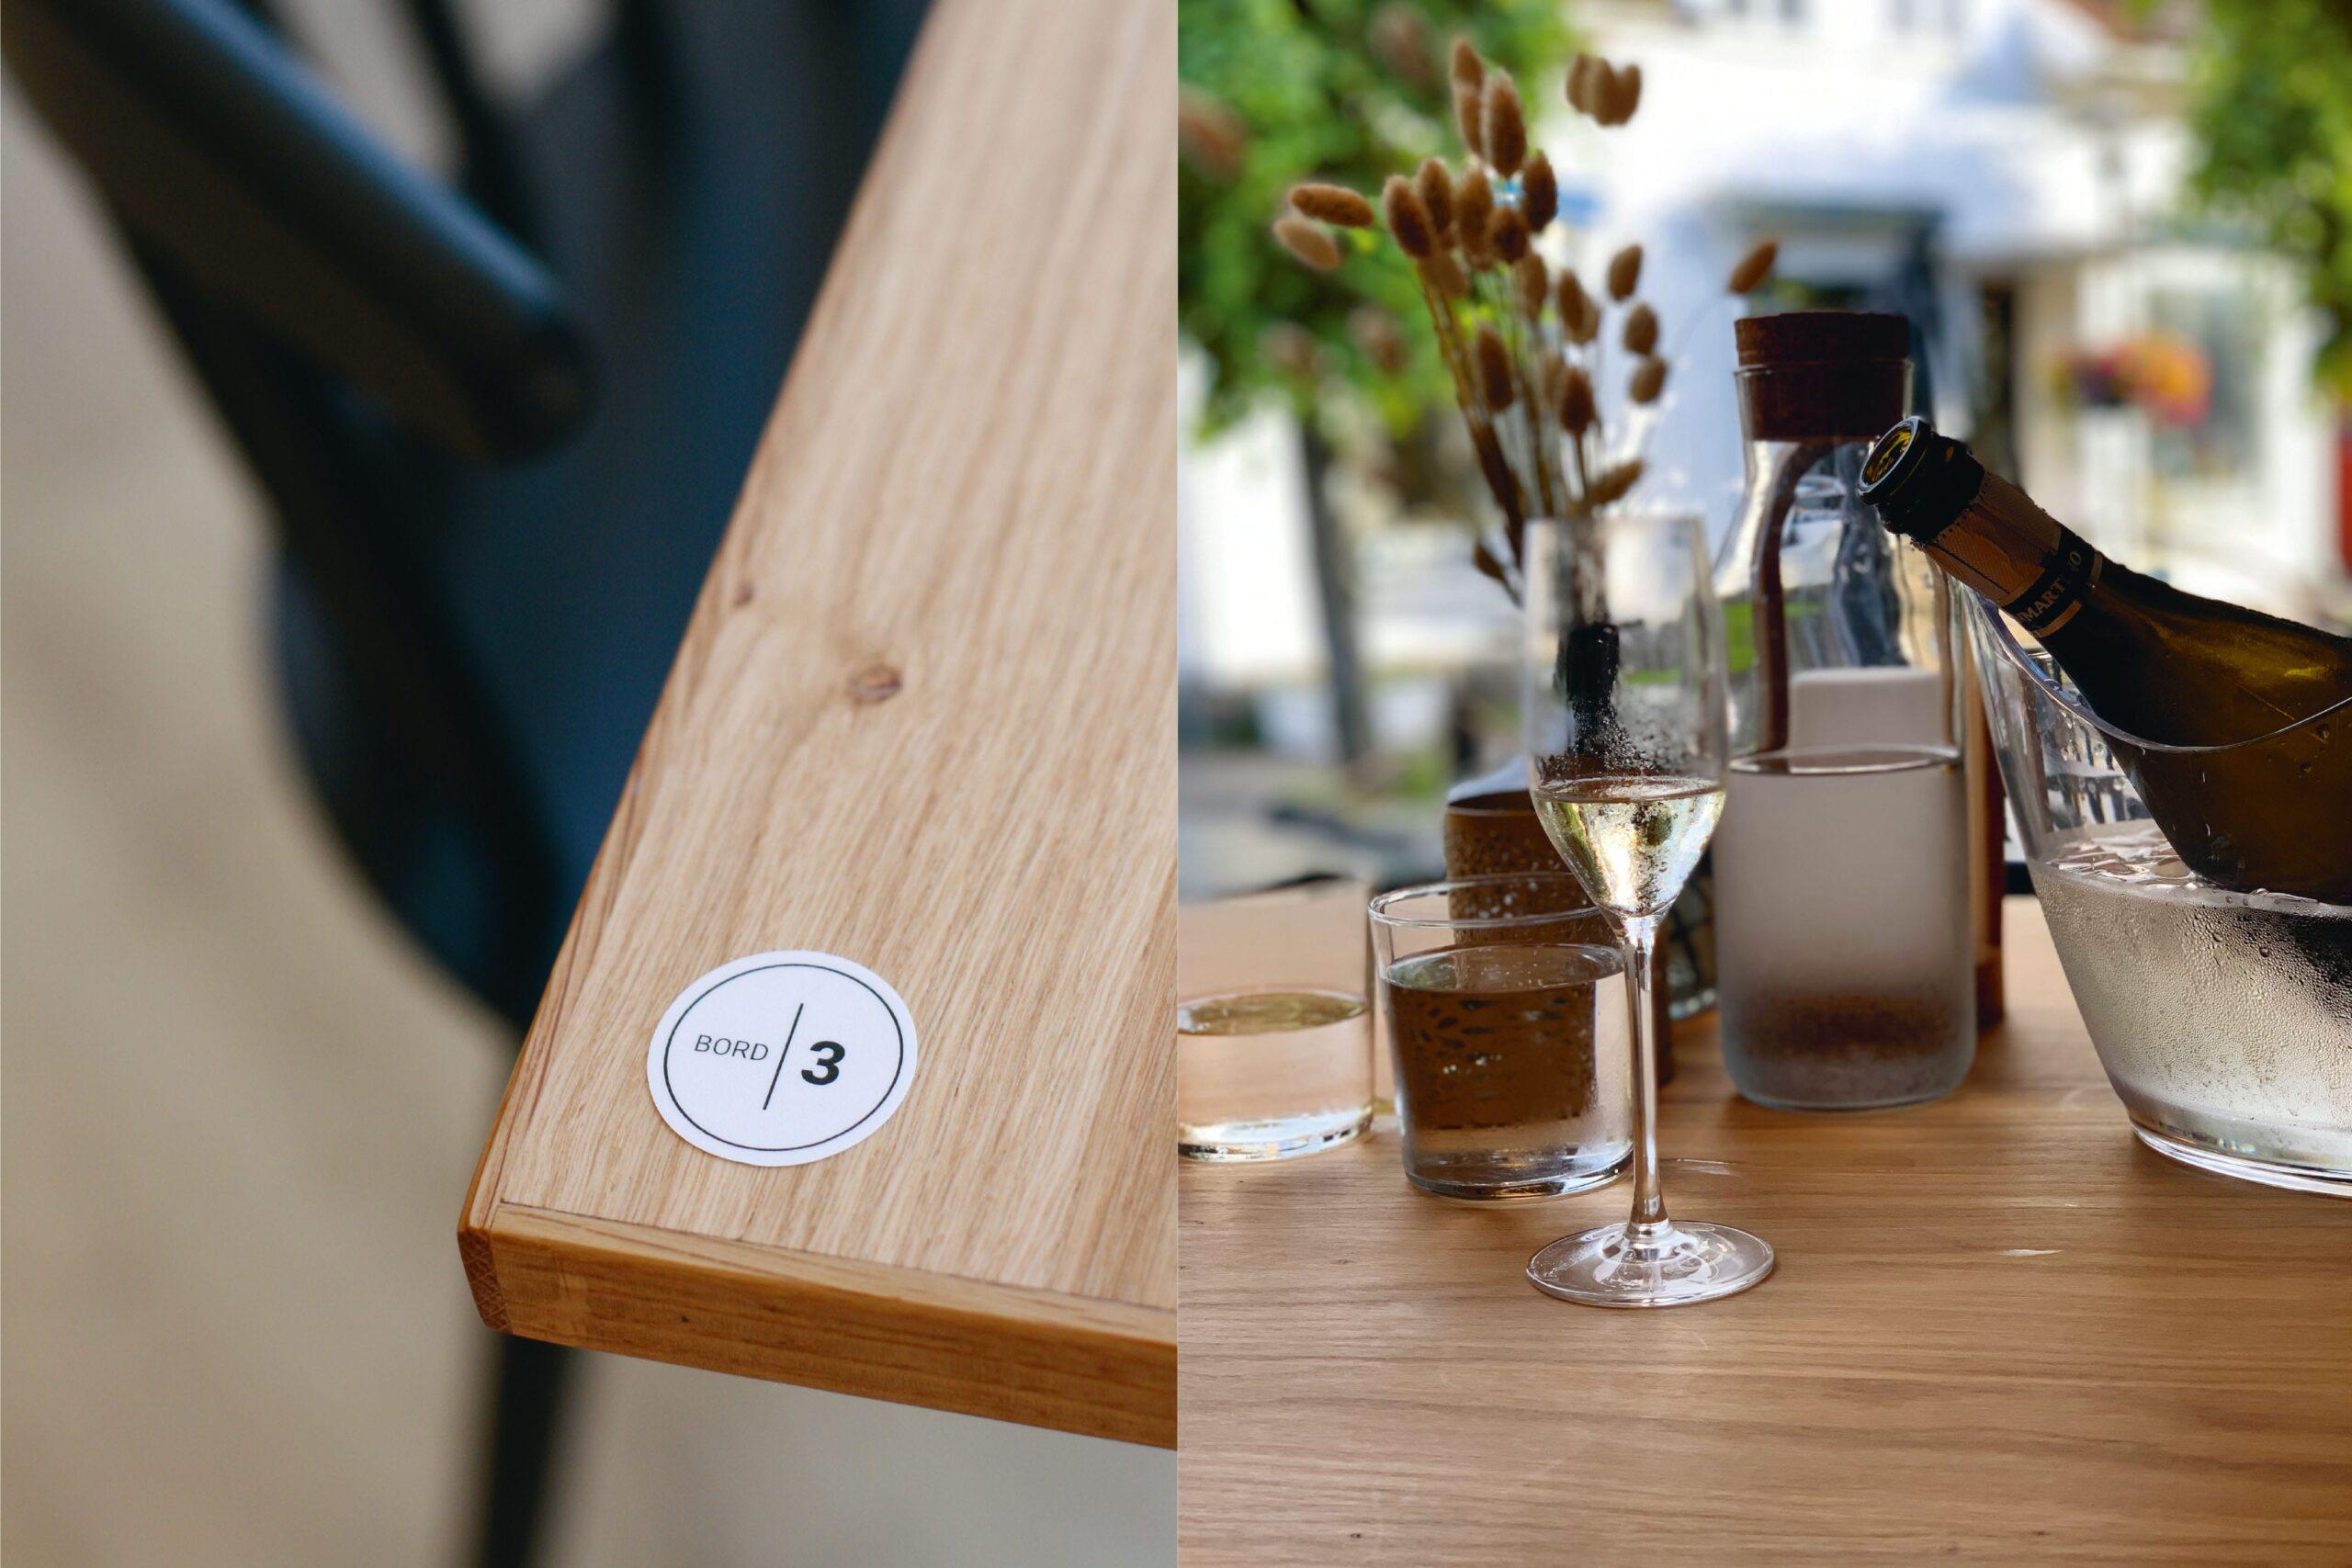 To bilder. Til venstre detalj av eikebord med bordnummerering. Til høyre glass og vinflaske på eikebord med utsikt ut.